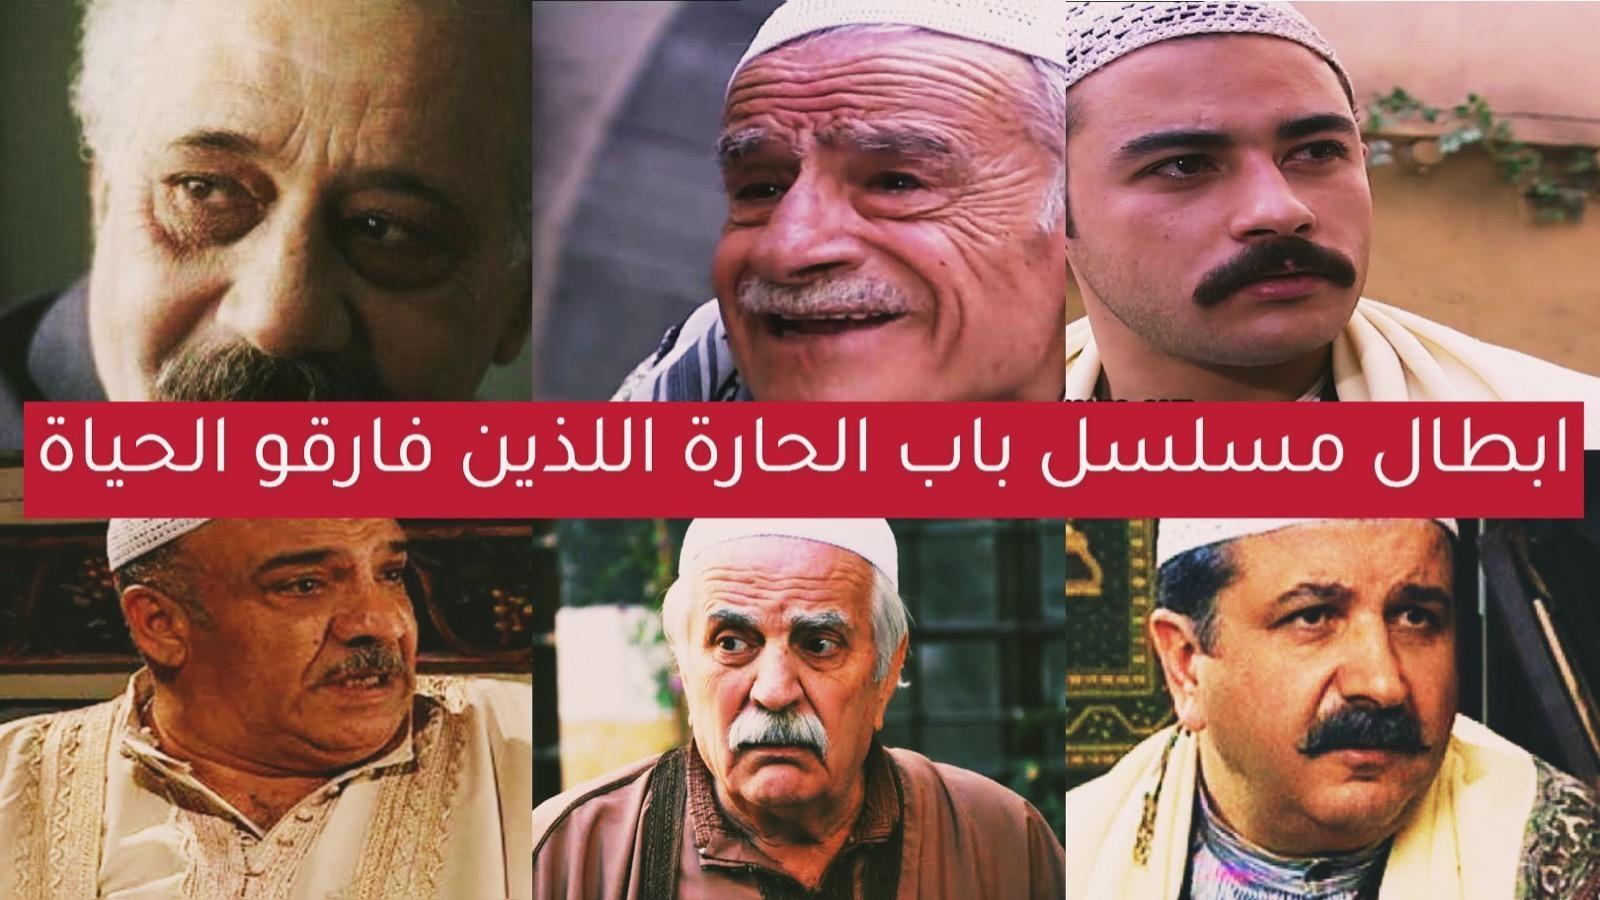 ابطال مسلسل باب الحارة, باب الحارة, ممثلين باب الحارة, ممثليين سوريين فارقو الحياة, ممثل فارق الحياة